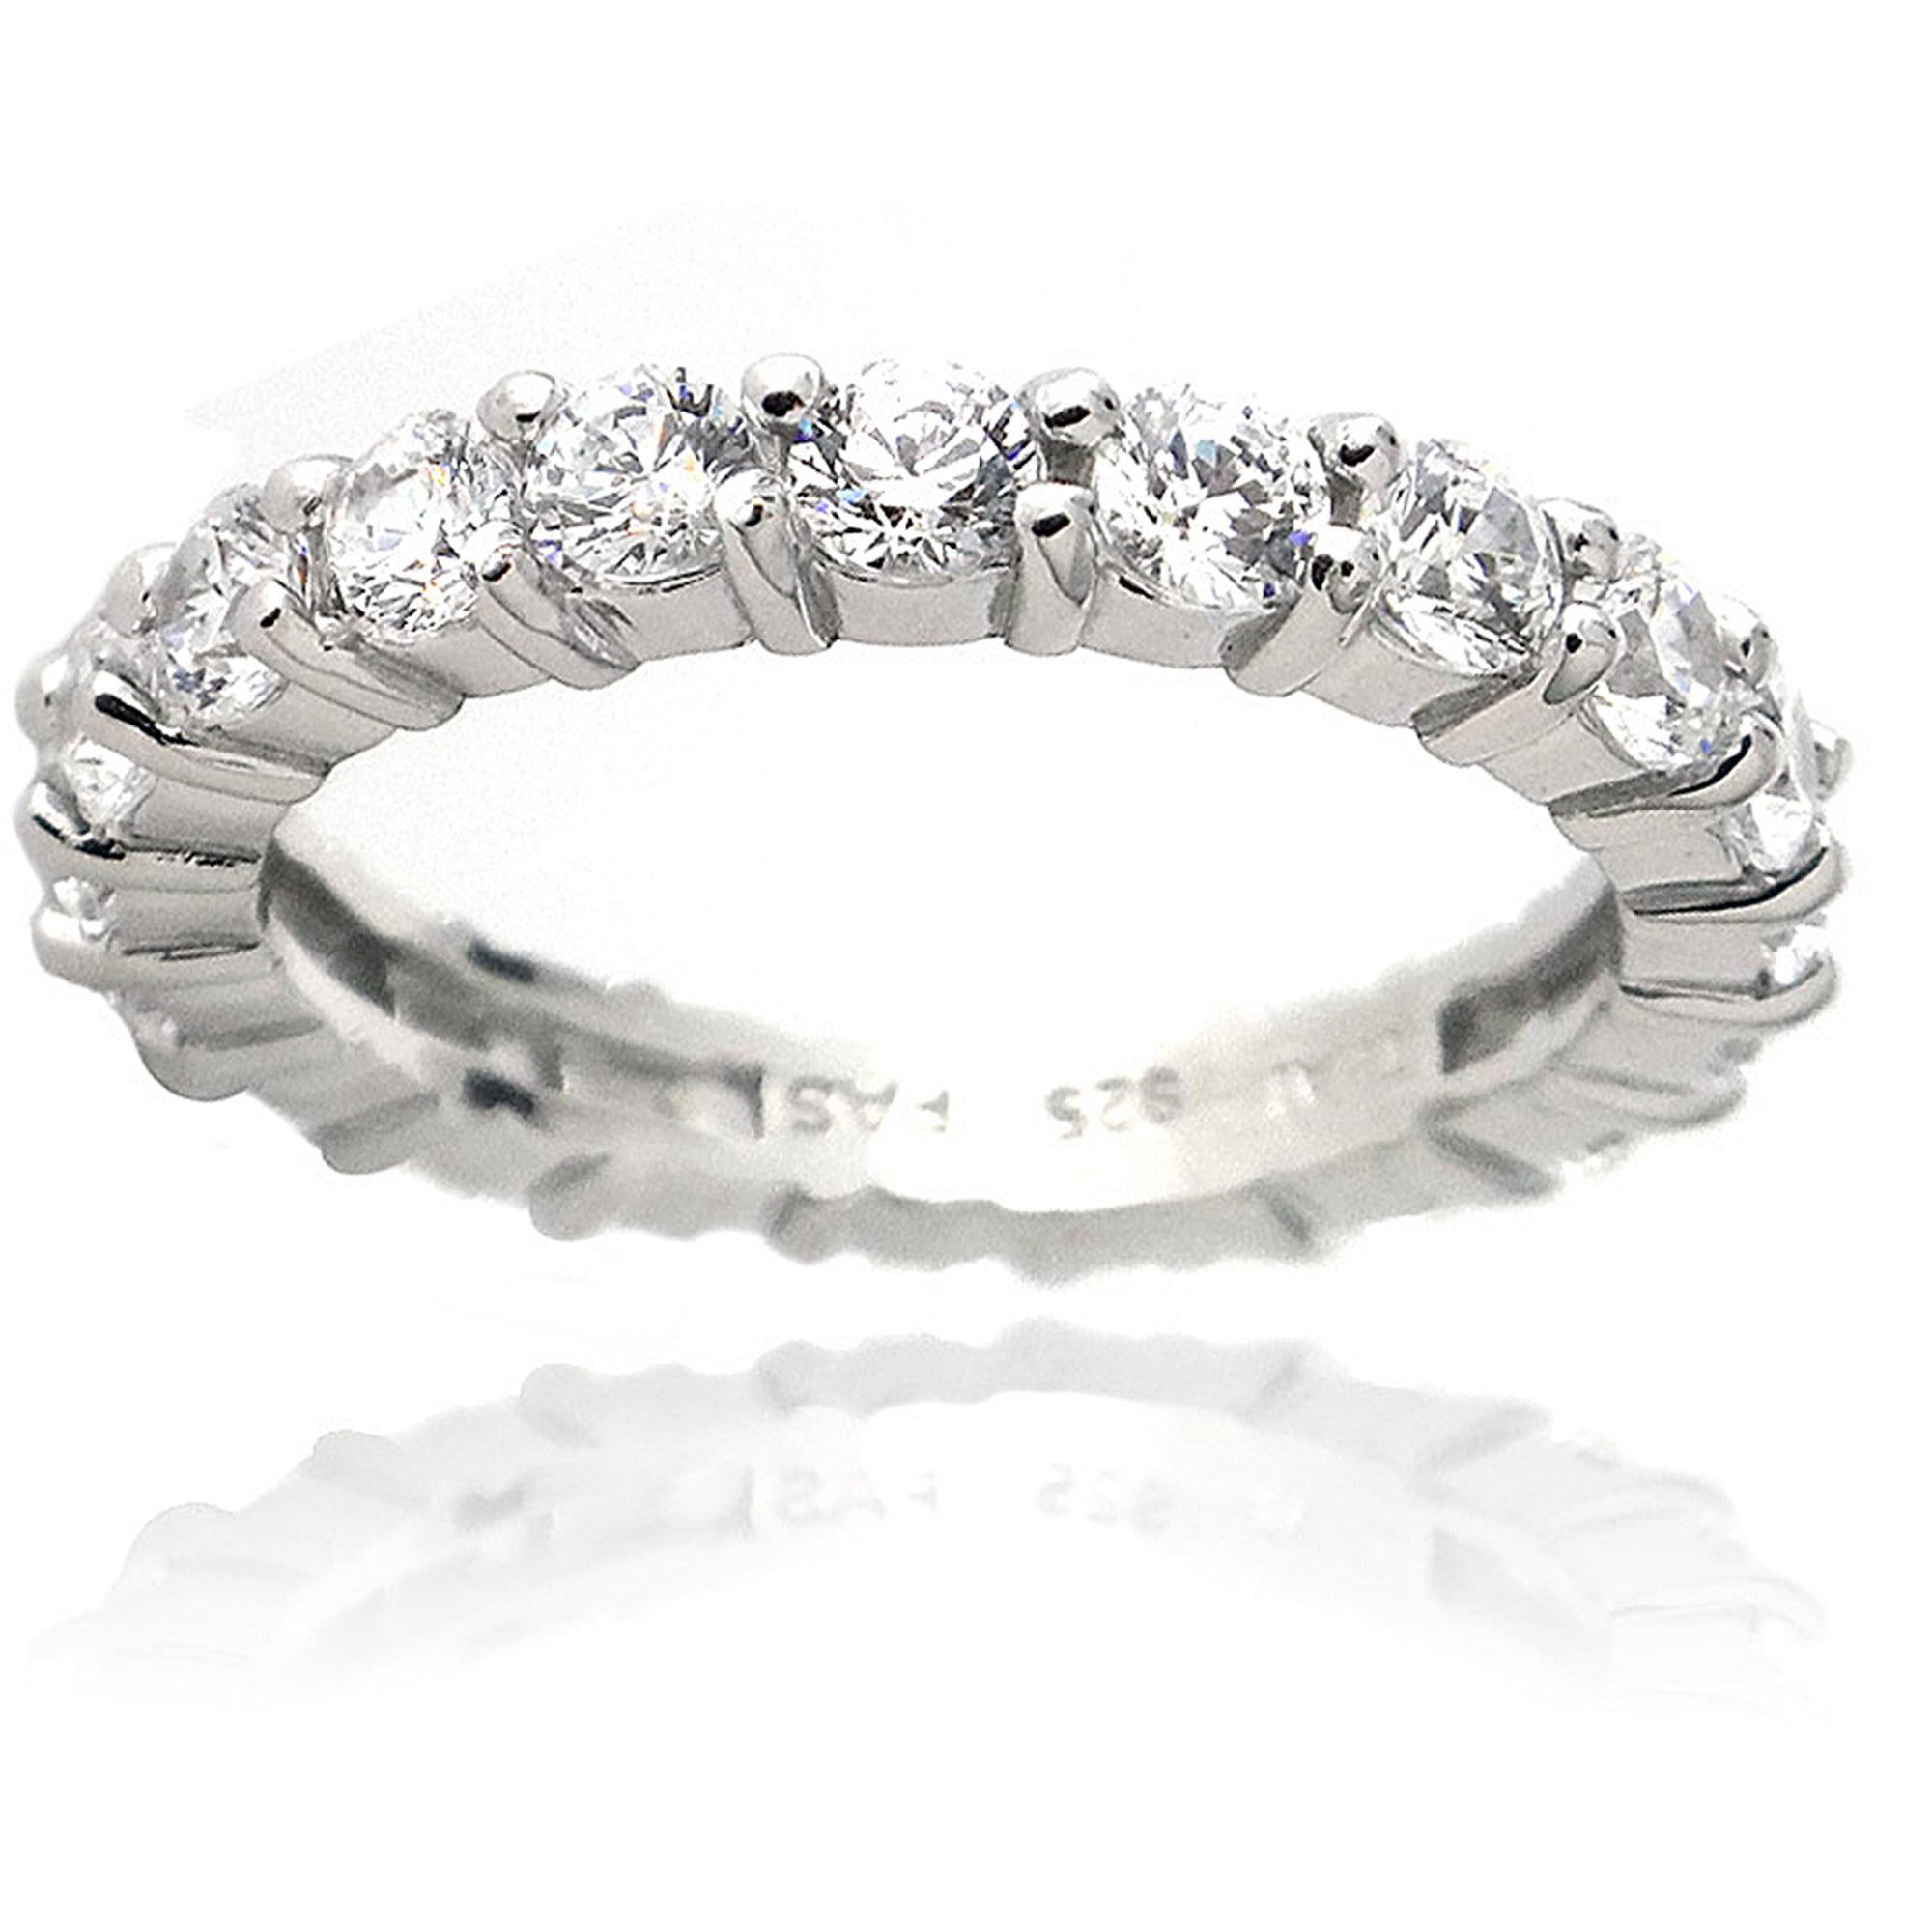 Zirconia Ice Swarovski Zirconia Sterling Silver Eternity Ring Band